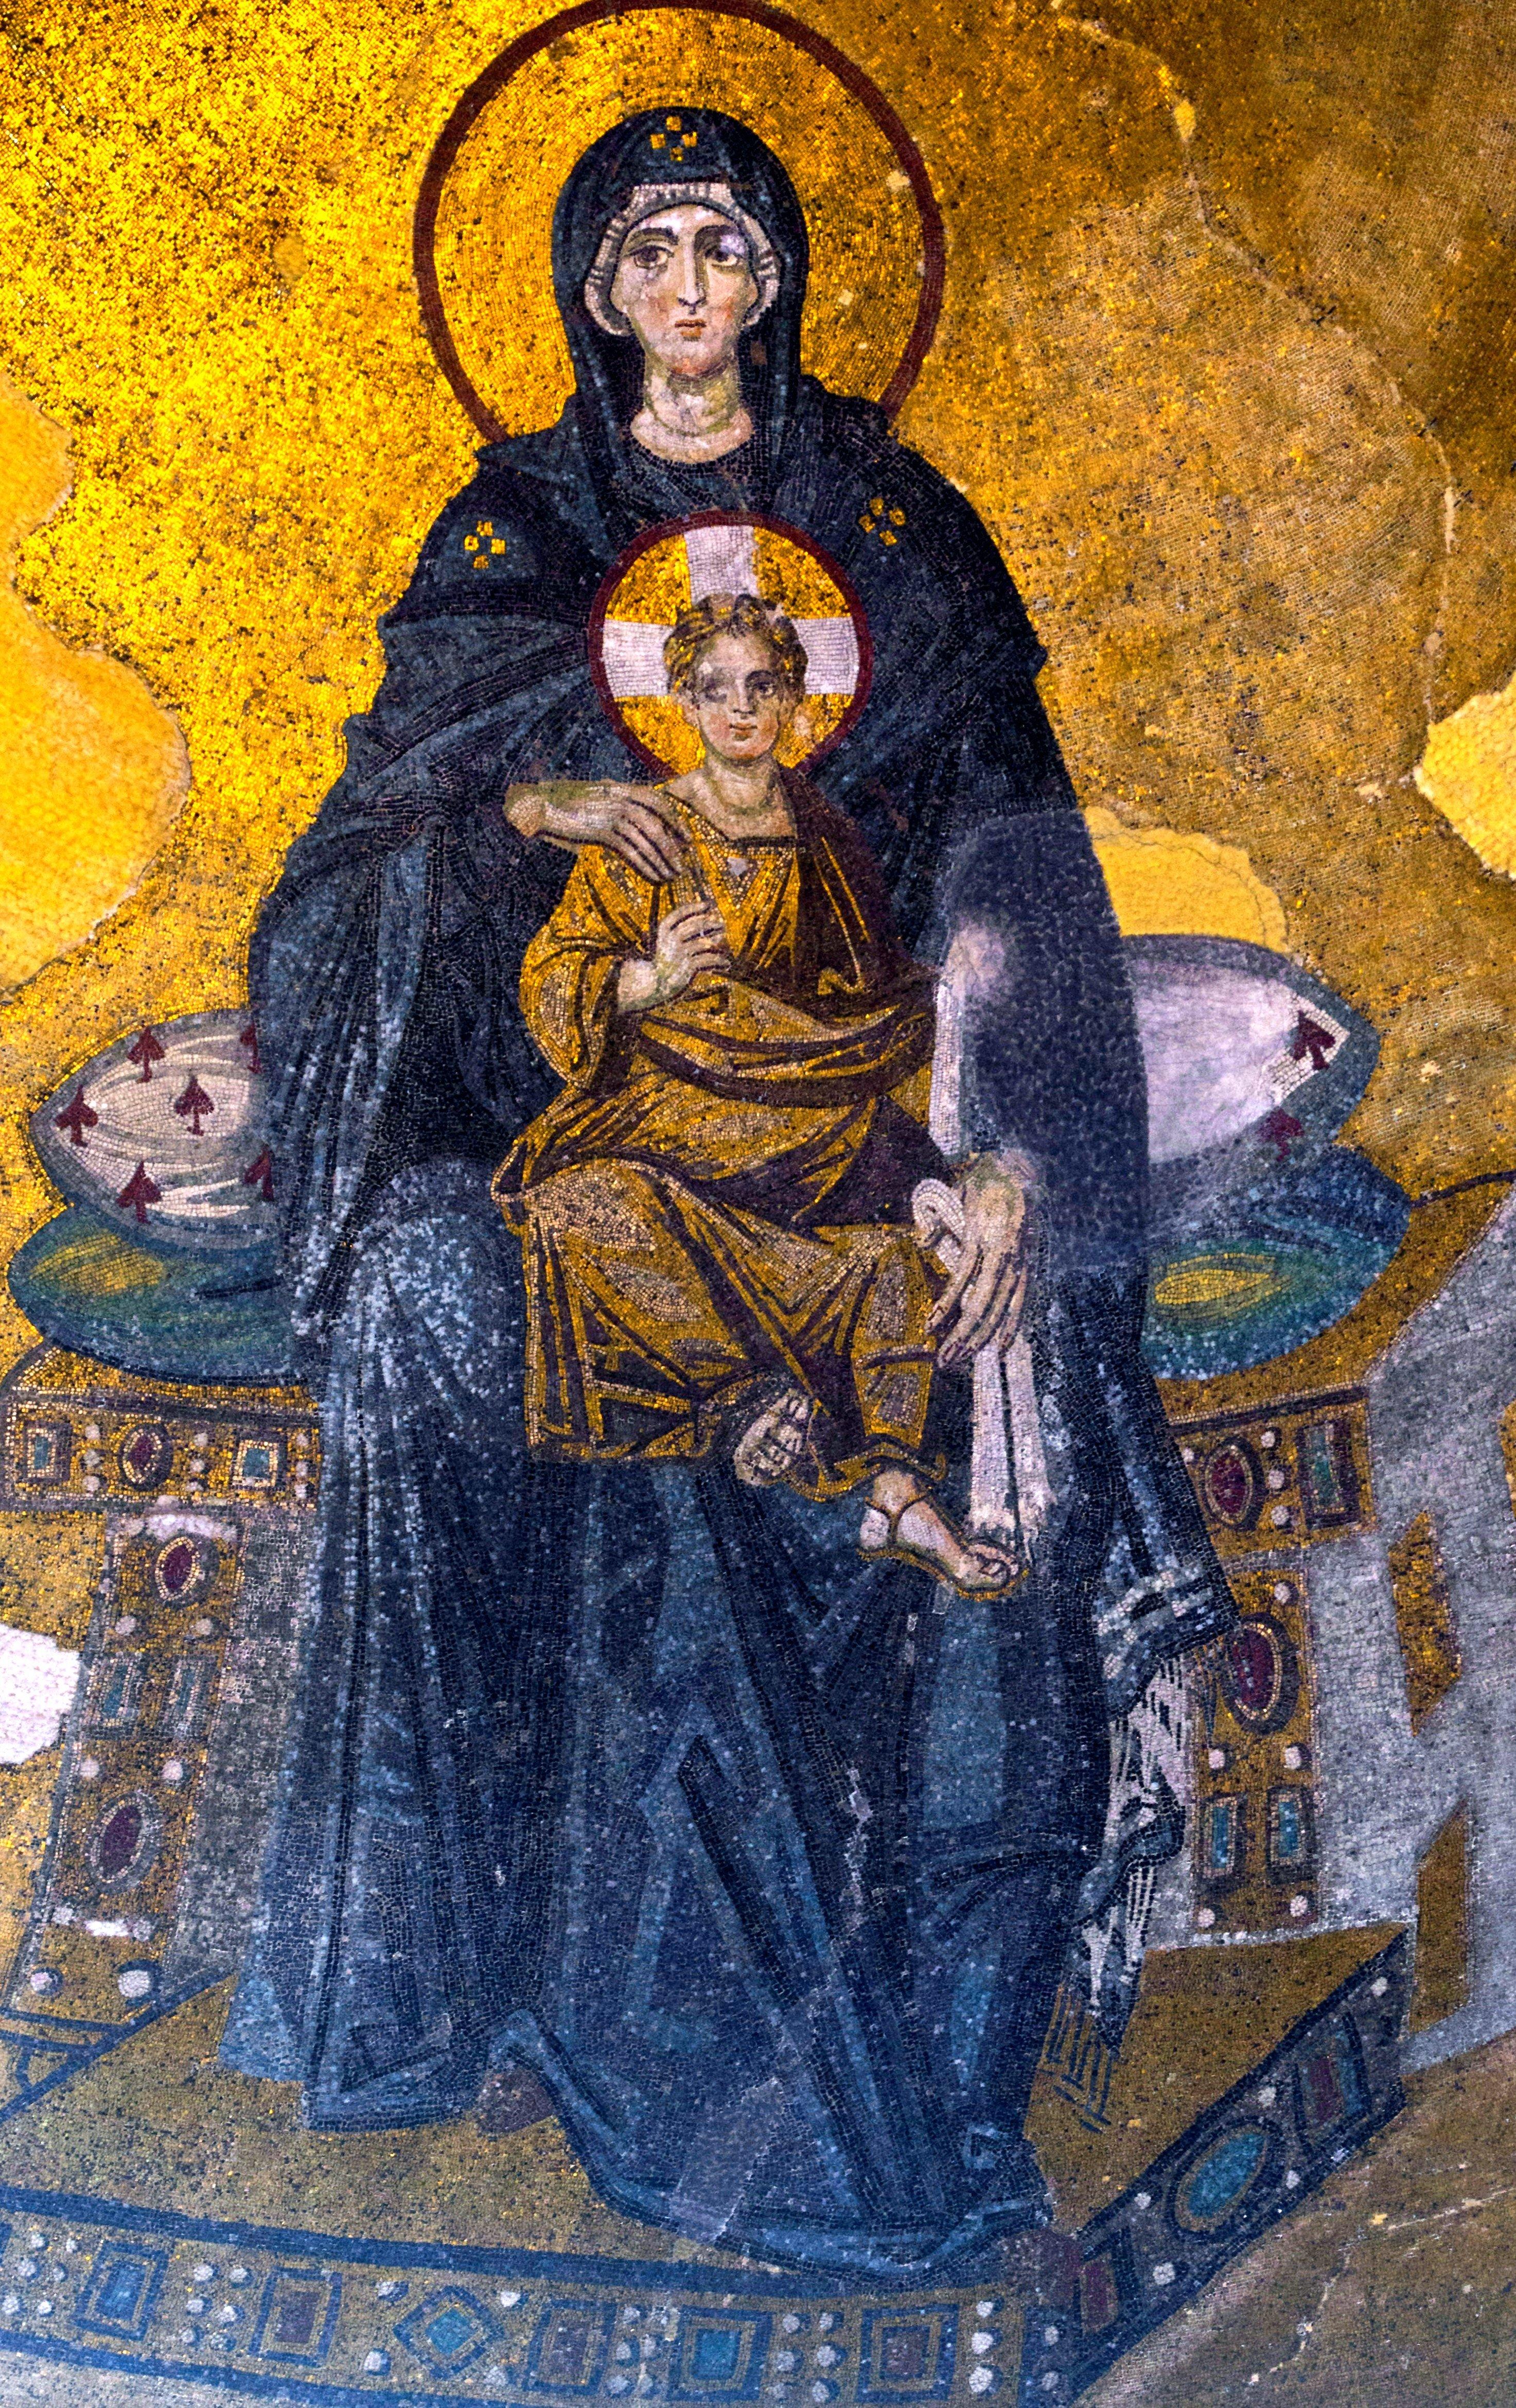 Пресвятая Богородица с Младенцем. Мозаика Собора Святой Софии в Константинополе. 867 год.